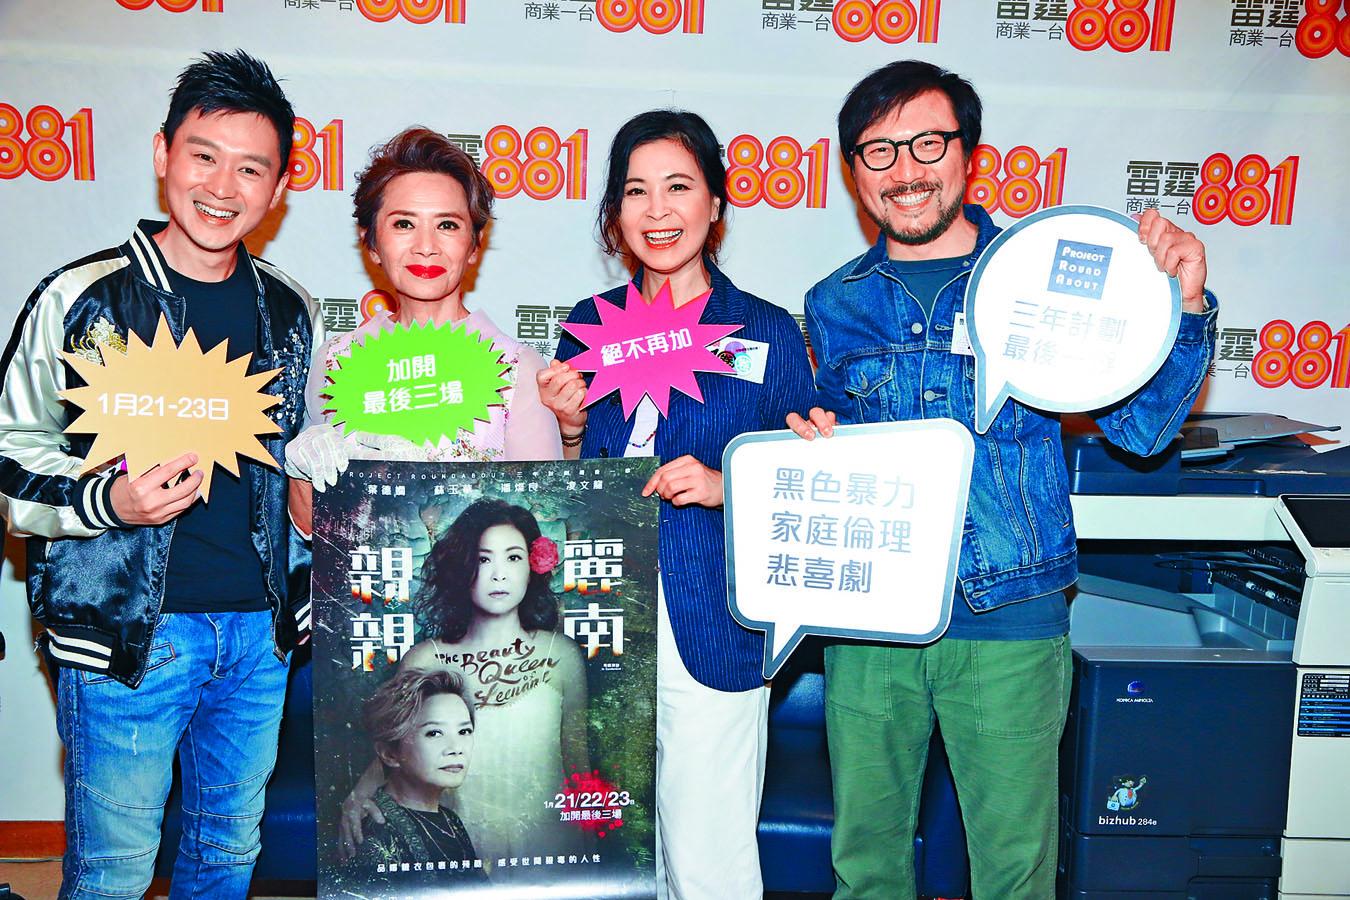 葉德嫻、蘇玉華、潘燦良和凌文龍到電台宣傳,兼宣布加場。